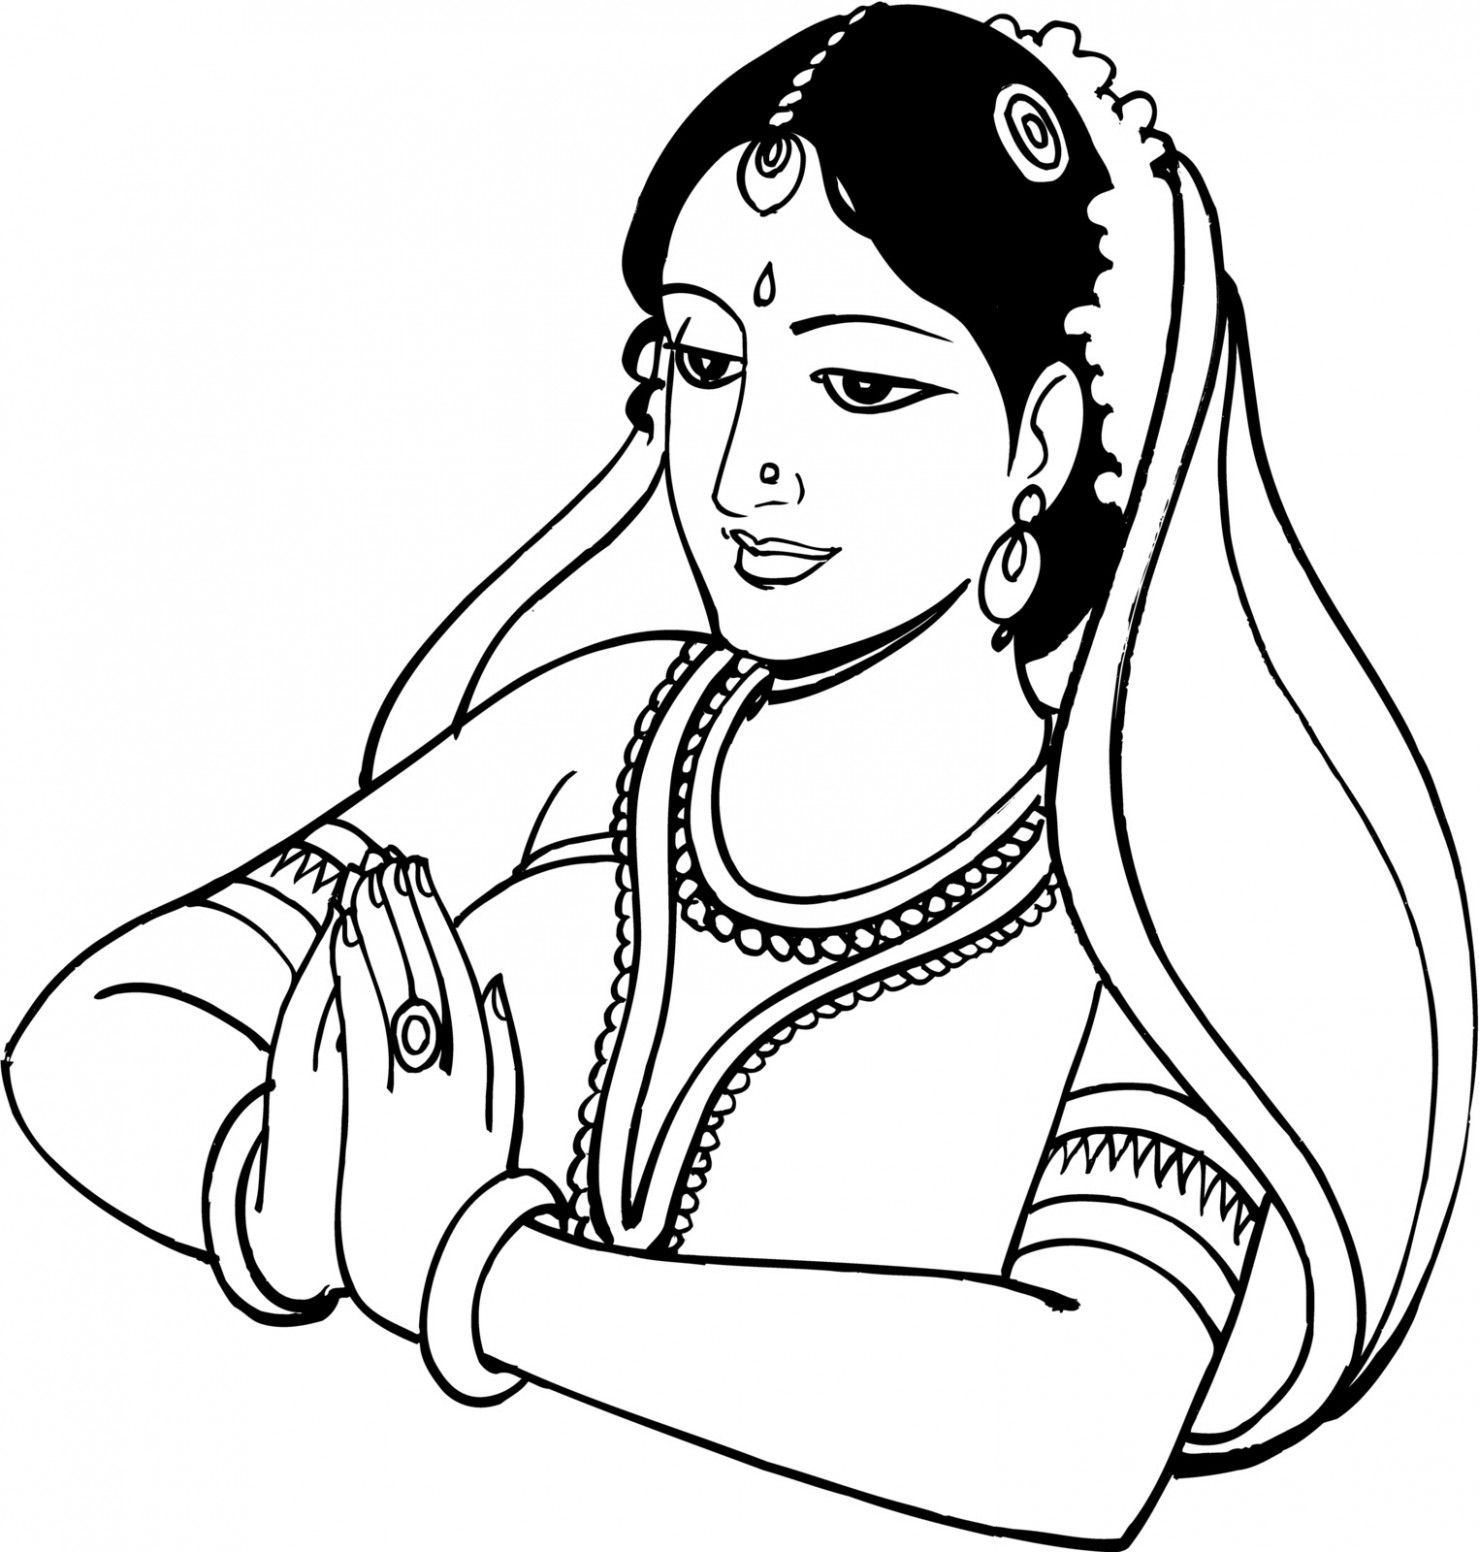 Hindu Wedding Clipart Gallery - Clip Art. Net - wedding clipart